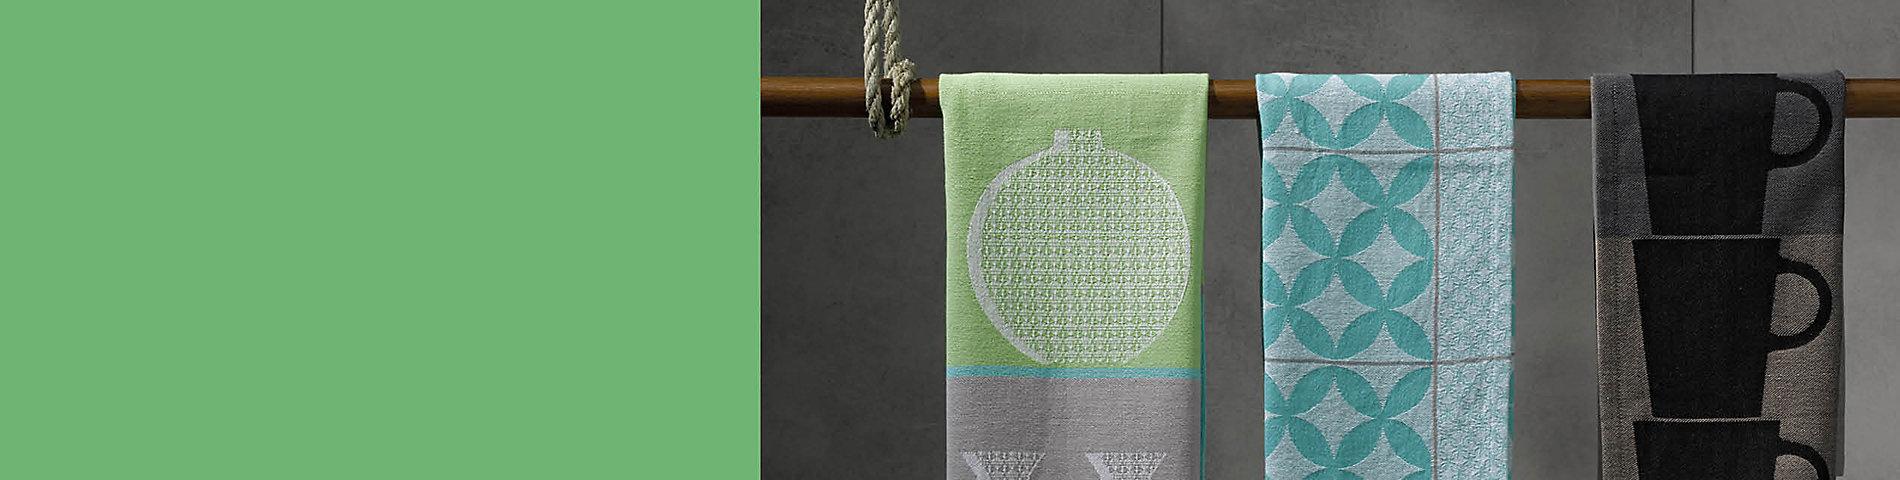 Küchentextilien Carla aus 100% Baumwolle - farblich aufeinander abgestimmt